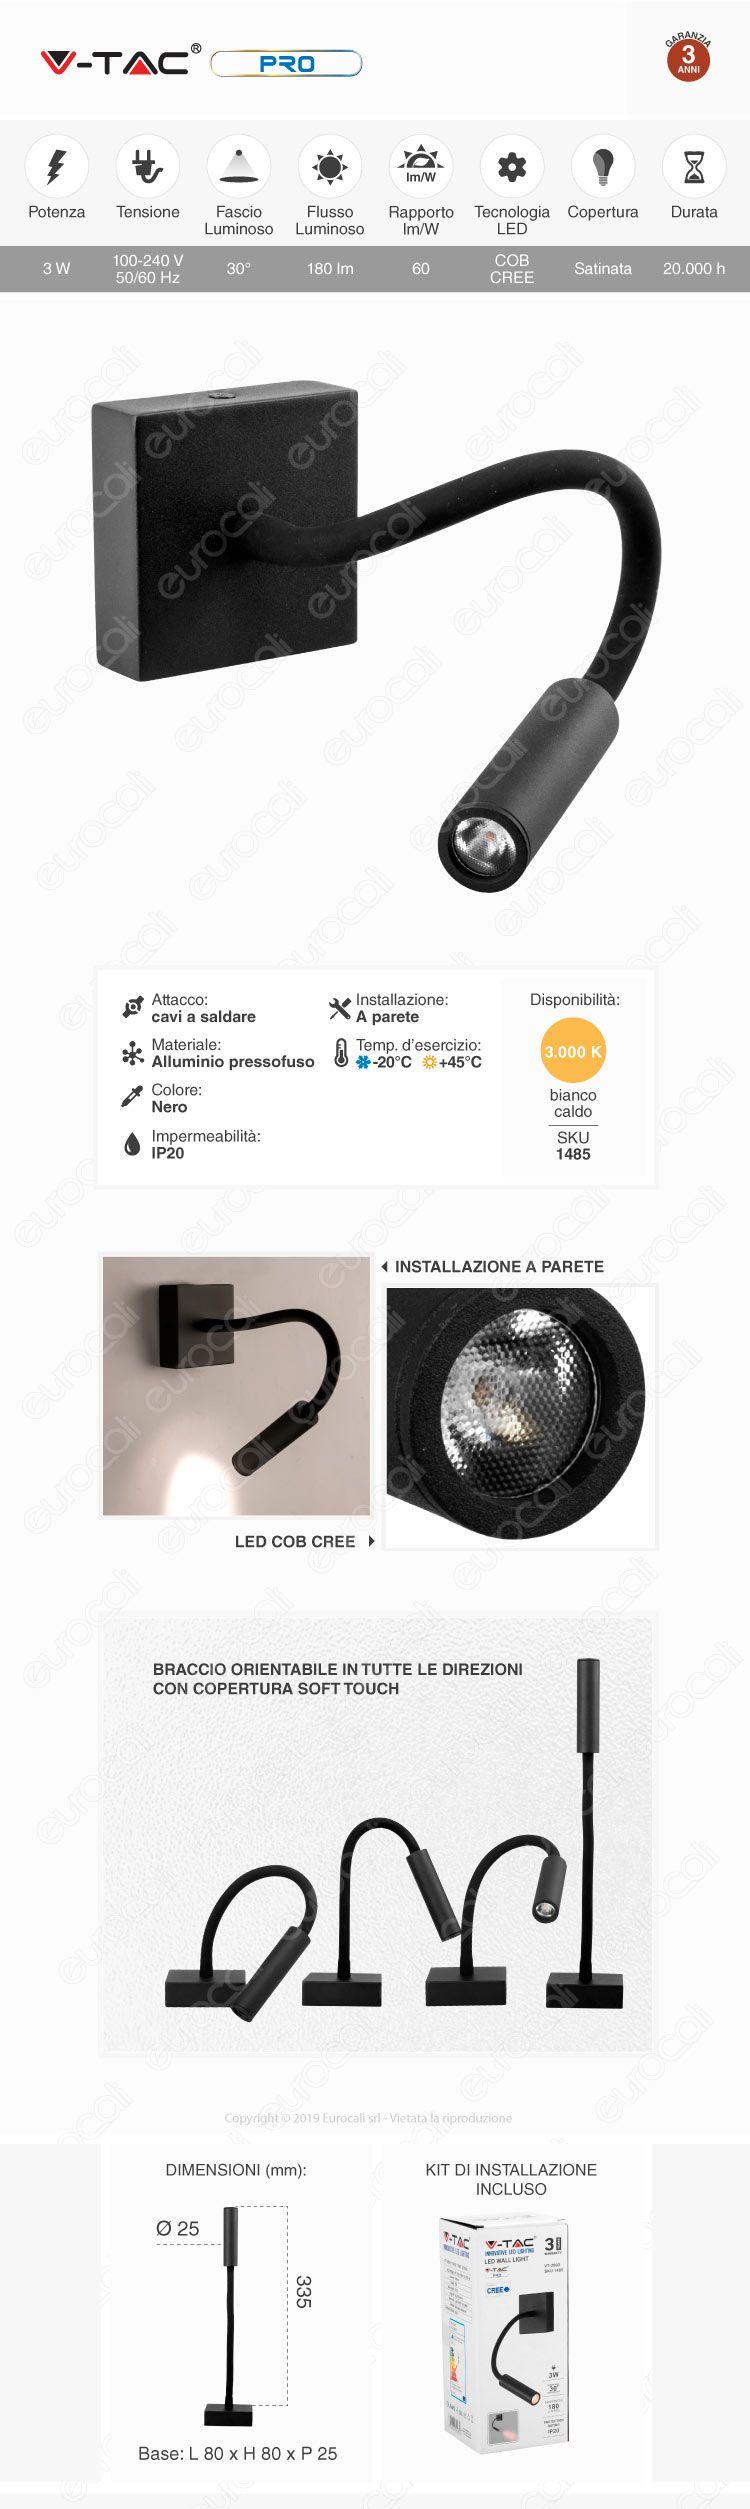 VT-2903 V-Tac PRO Lampada da Muro Wall Light LED CREE 3W Colore Nero